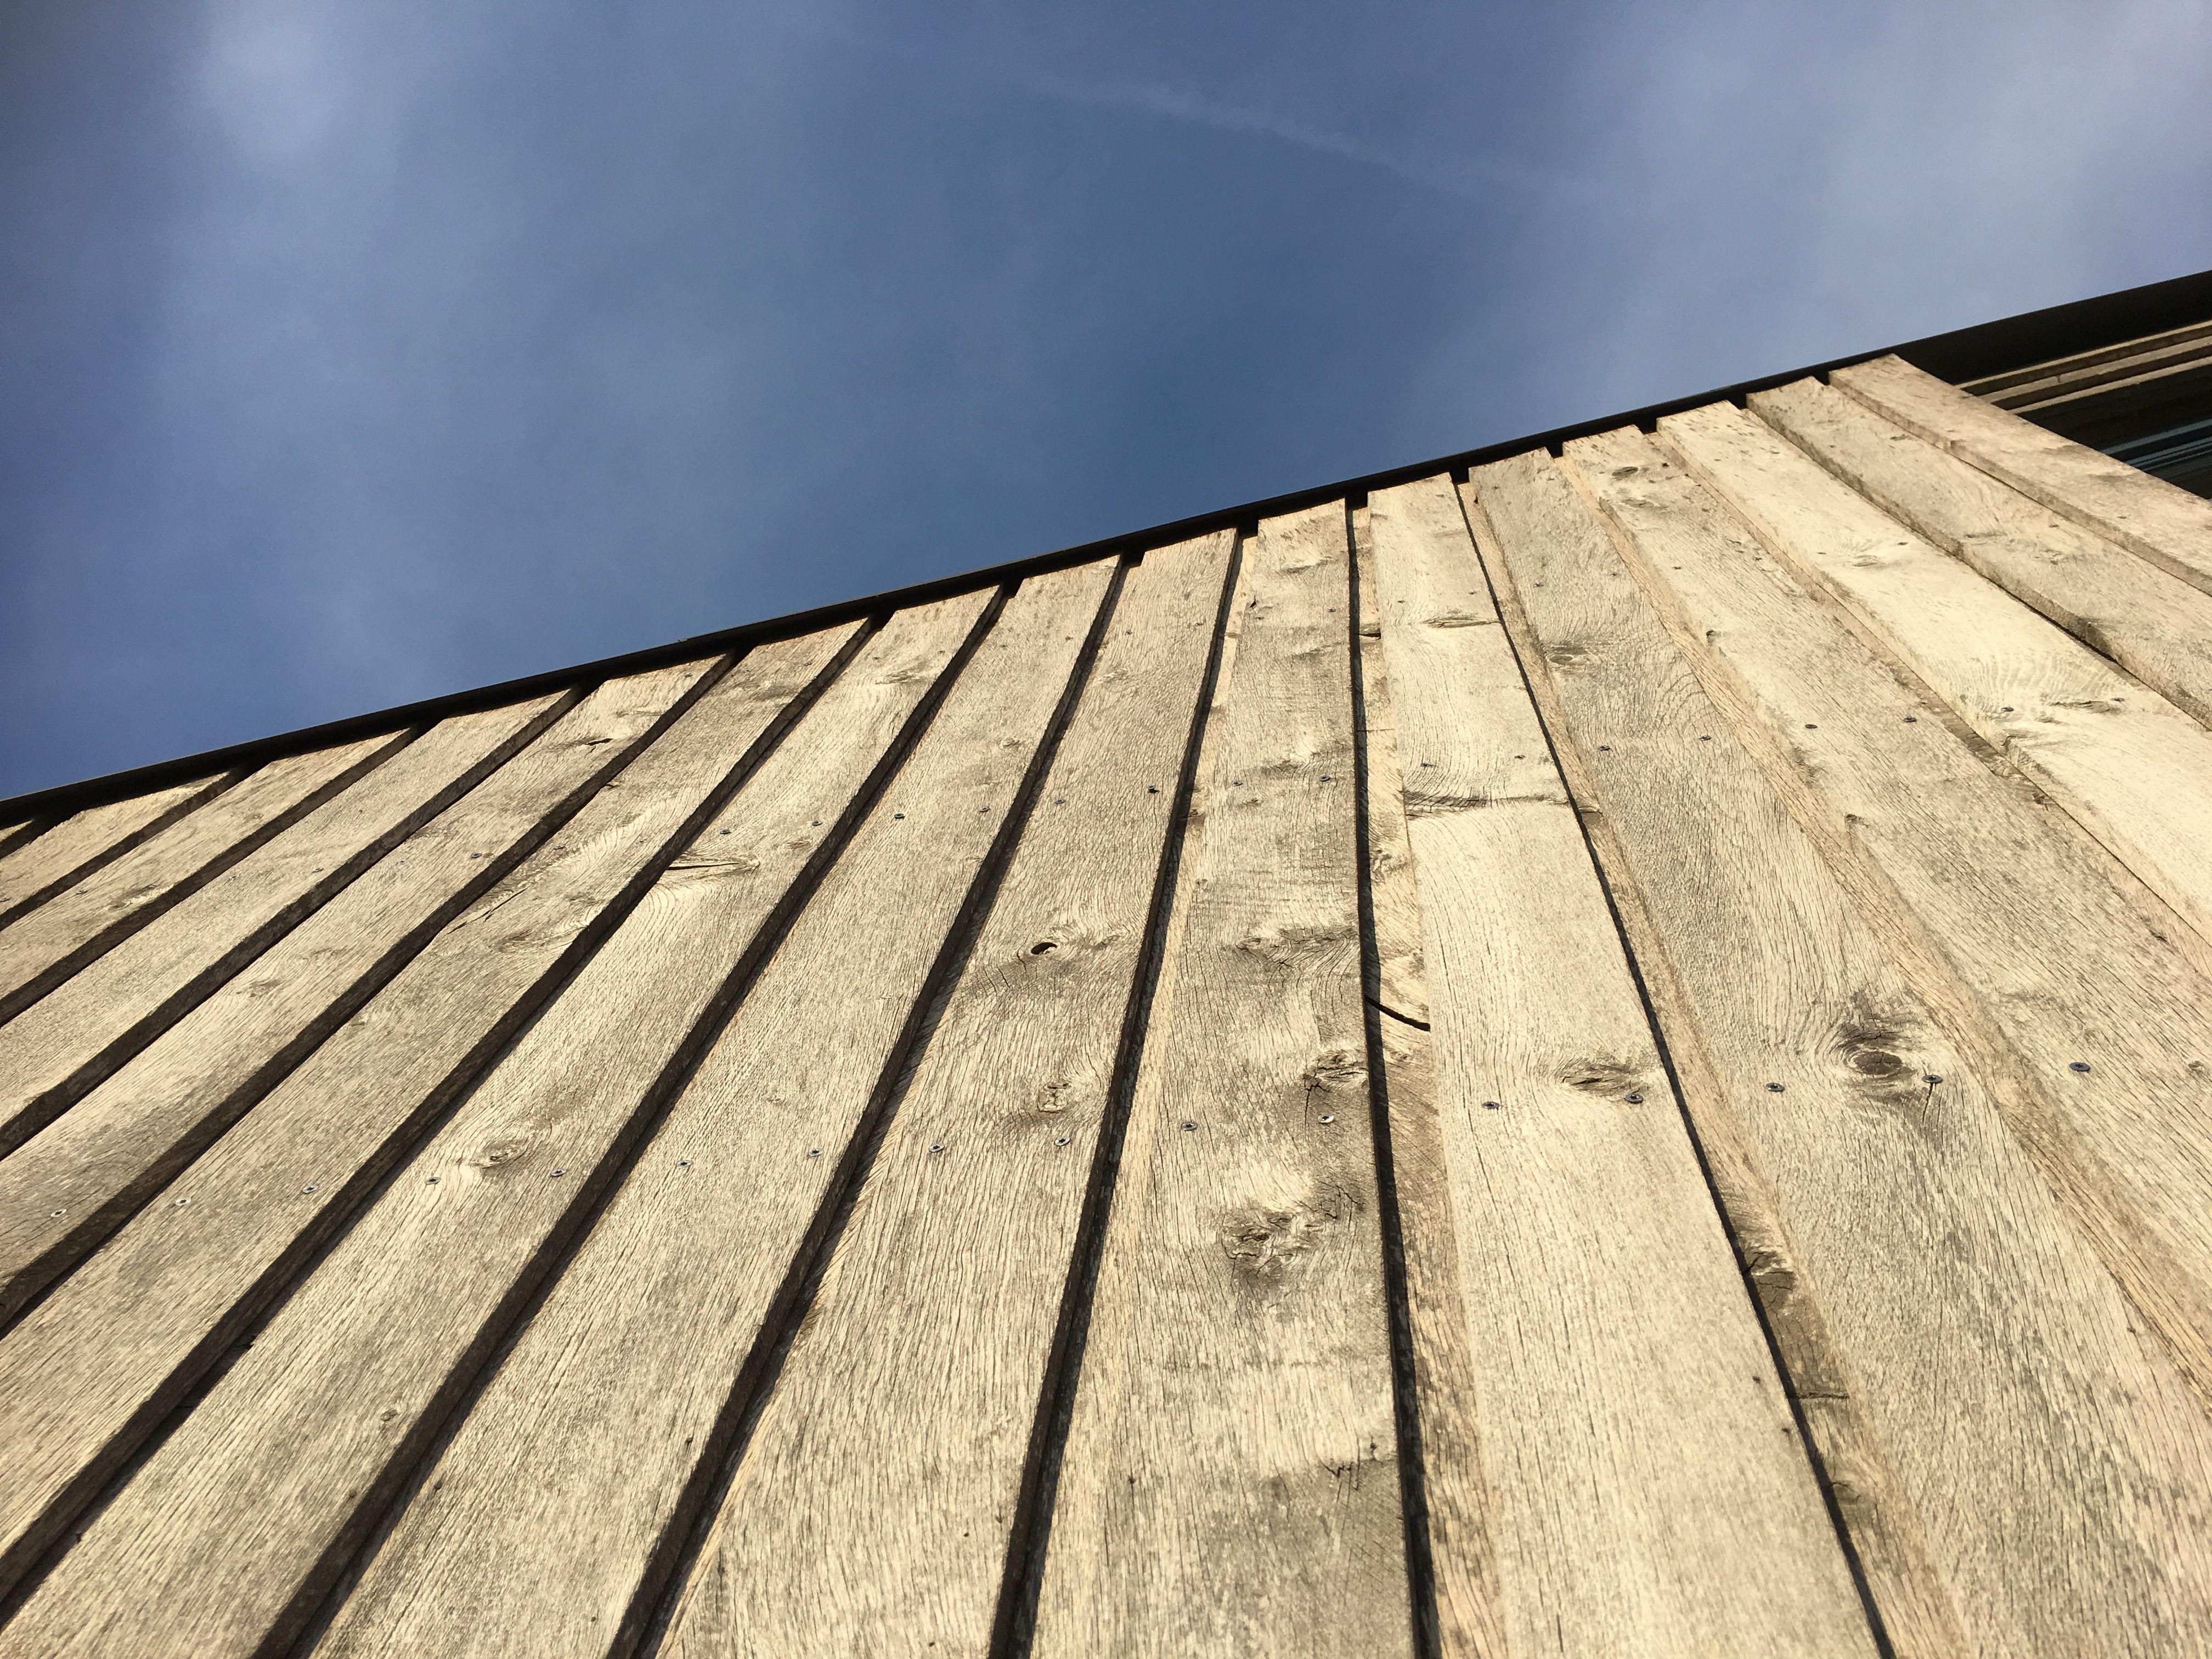 Holzfassade Eiche mit Edelstahlschrauben versehen